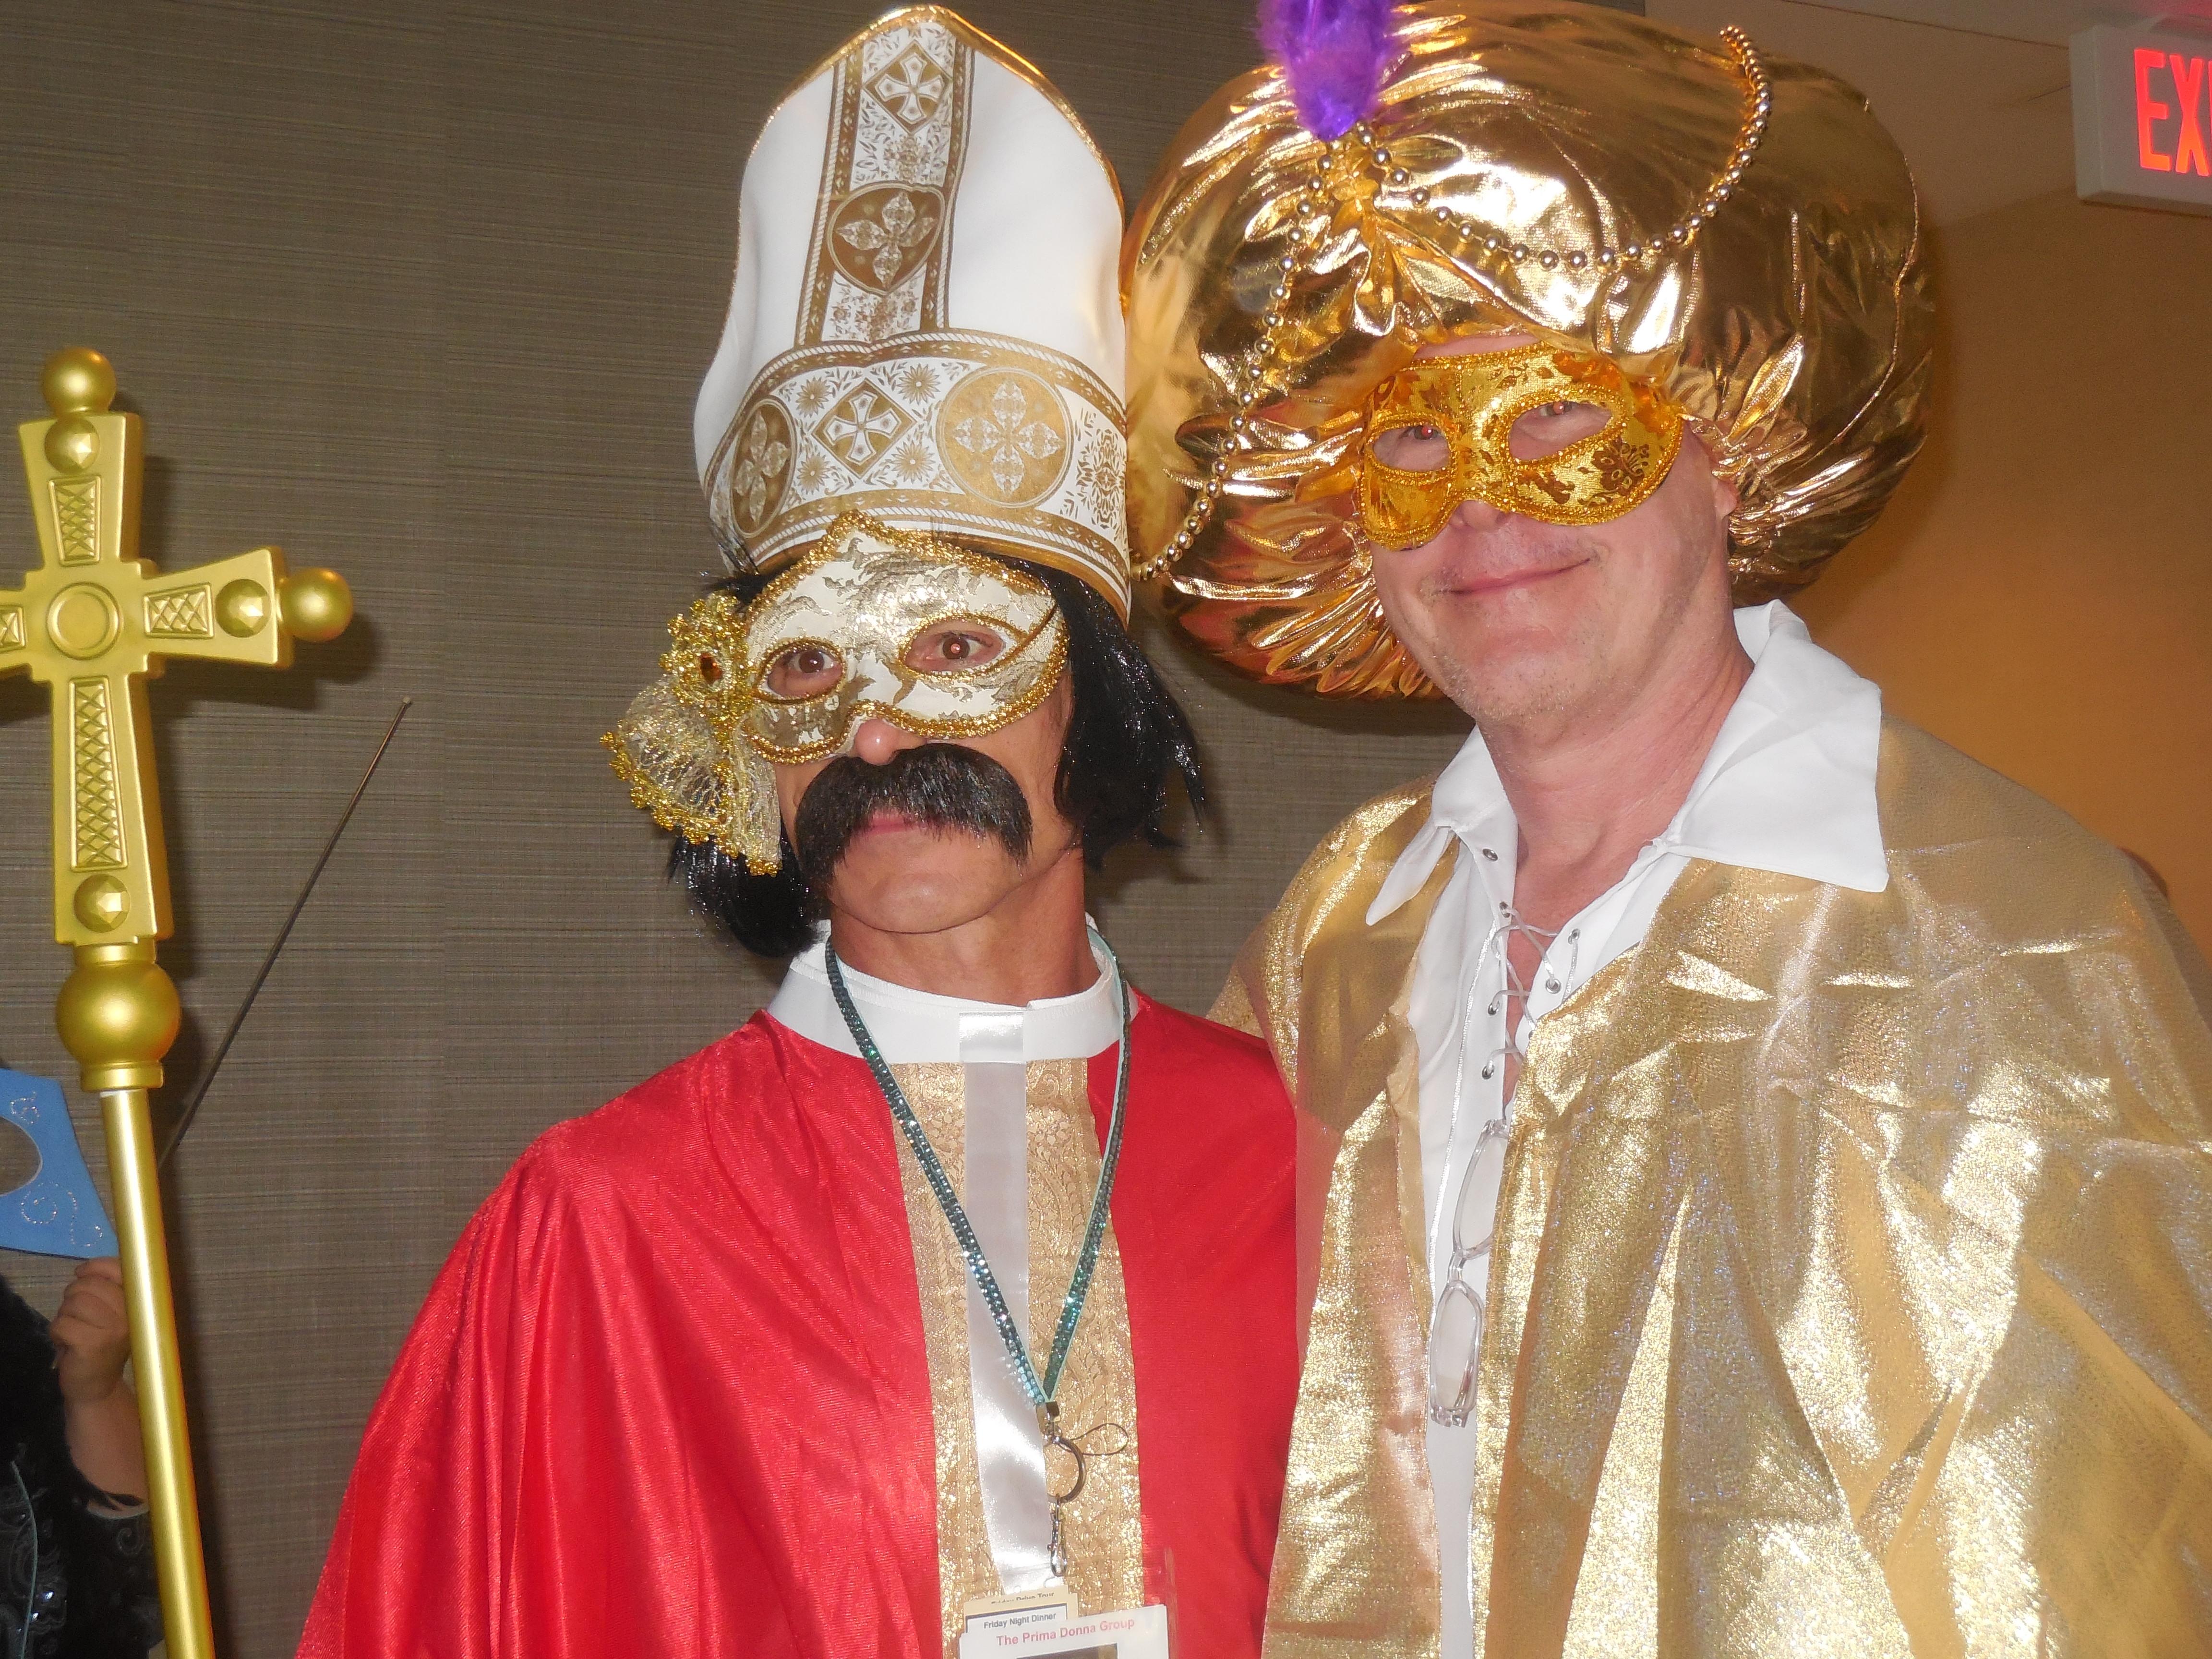 Masquerade Ball - characters 12